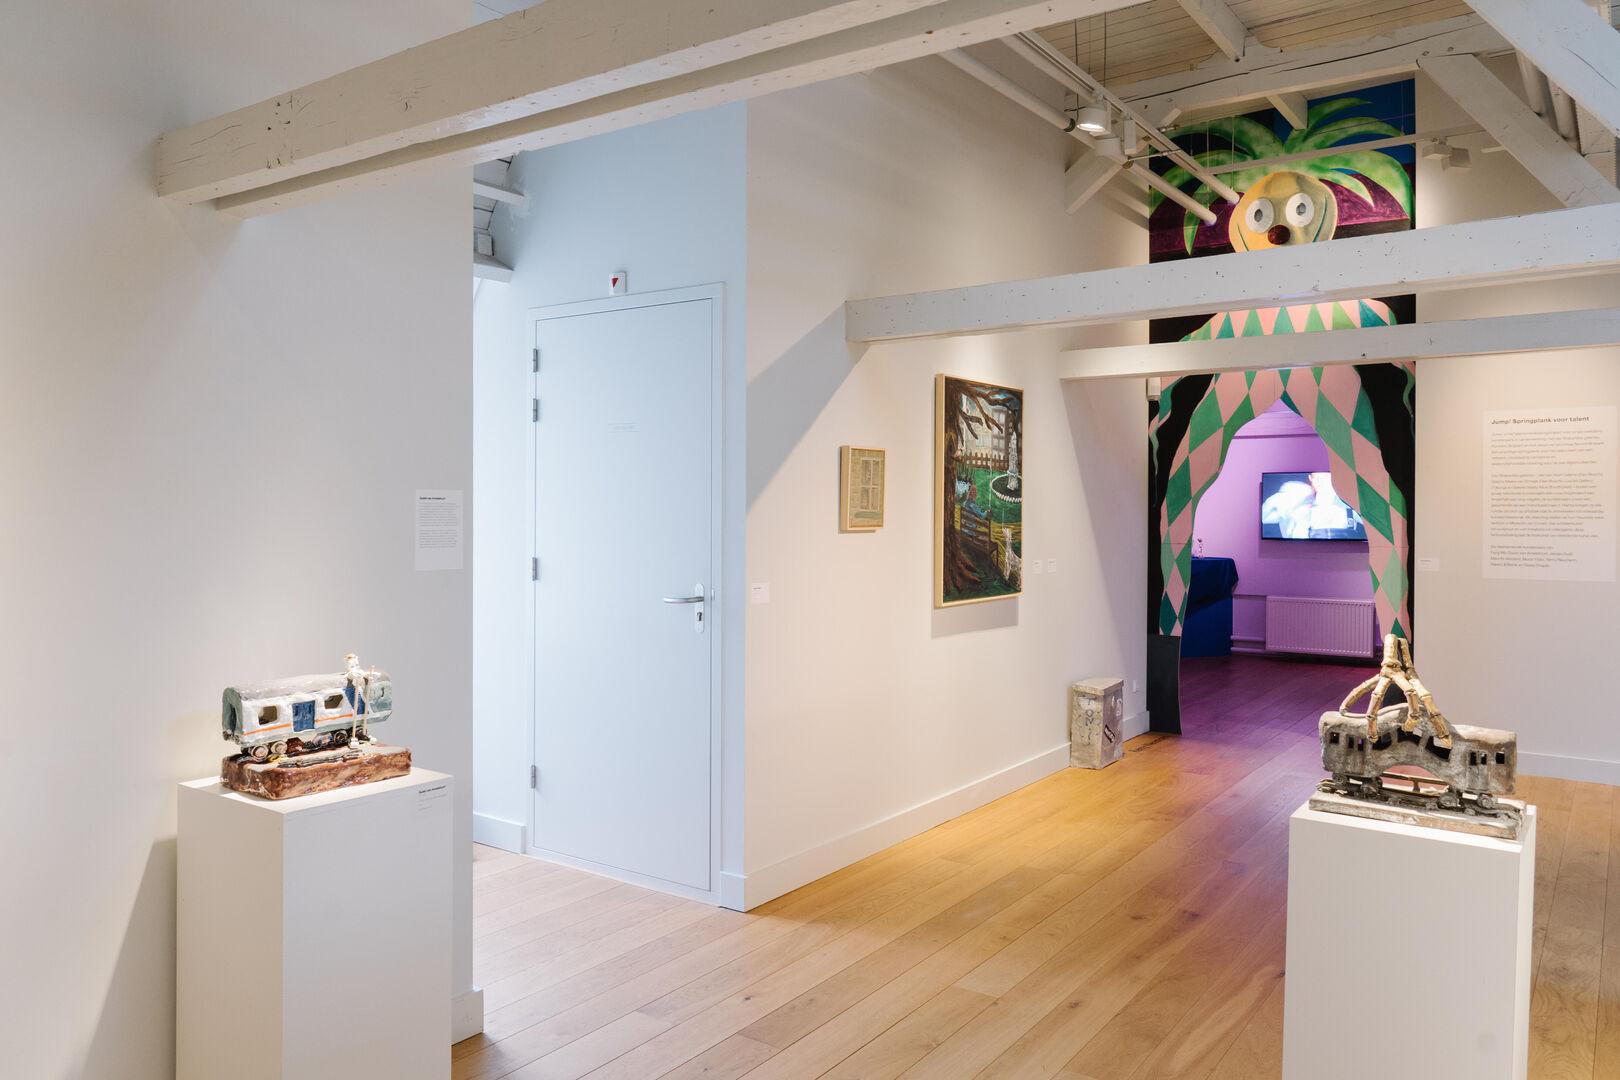 Museum Jan Cunen_opening_3oktober2020_Fotograaf_Almicheal_Fraay-10